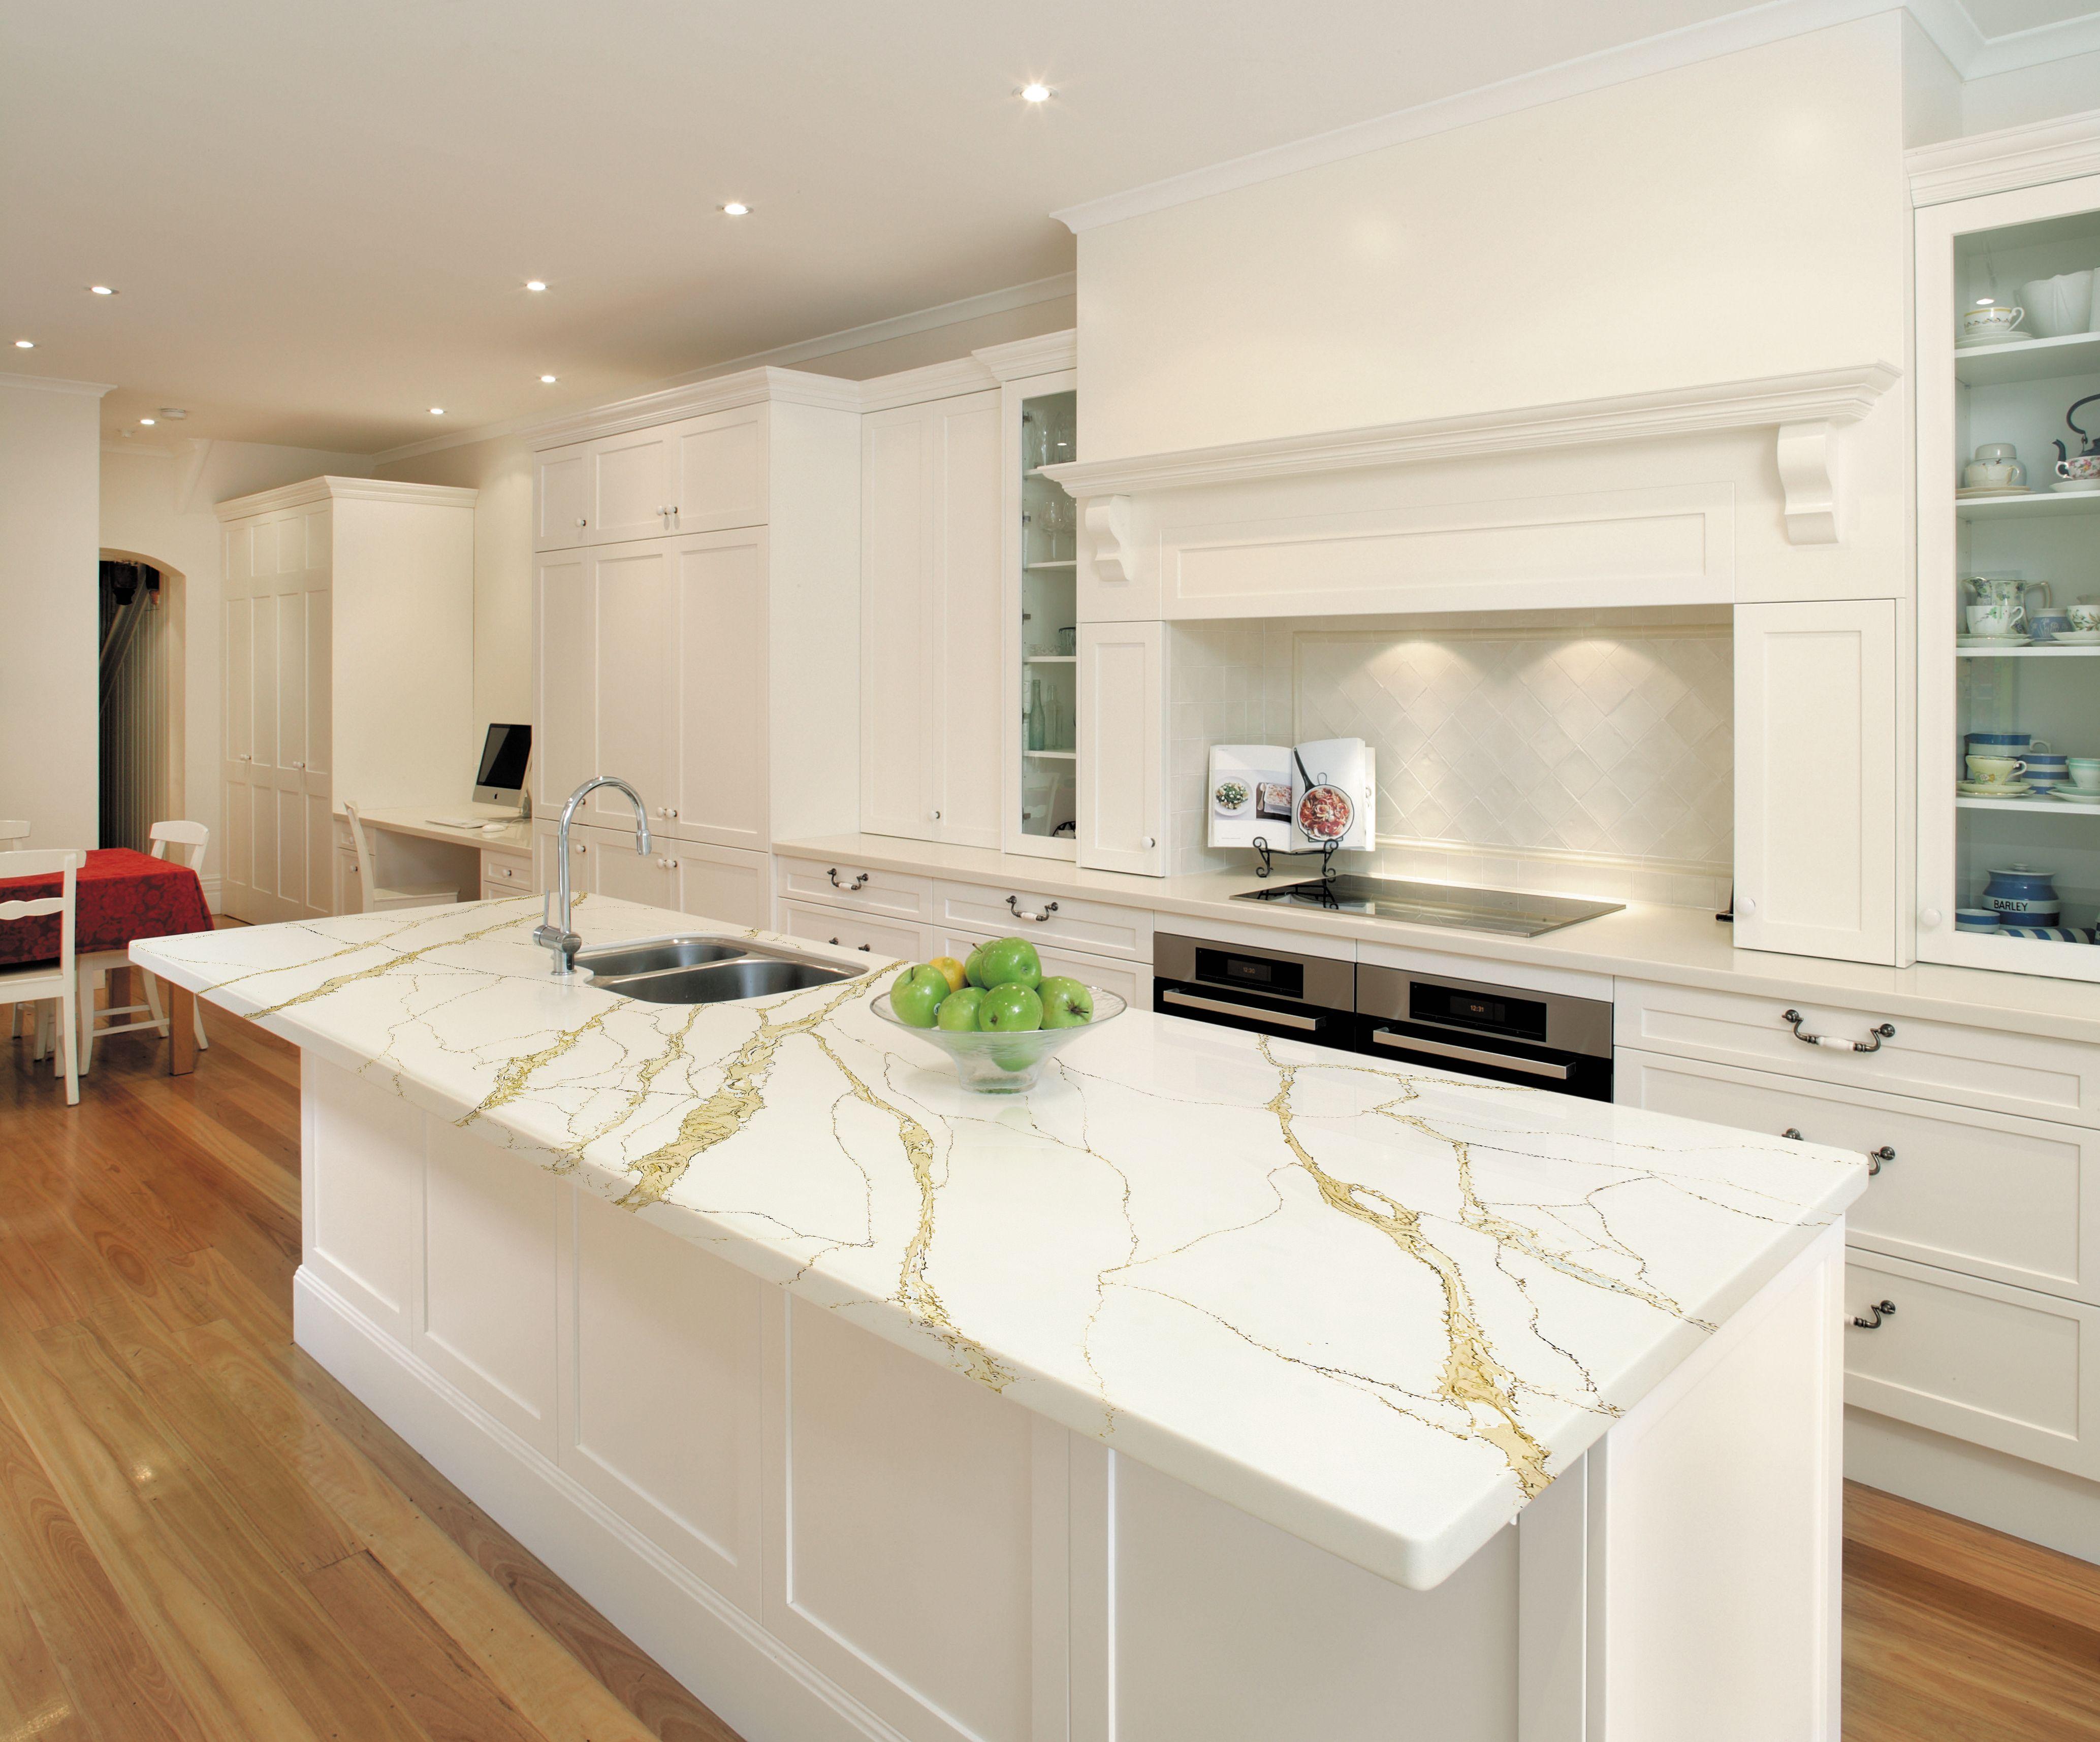 Download Wallpaper White Kitchen Countertops Quartz